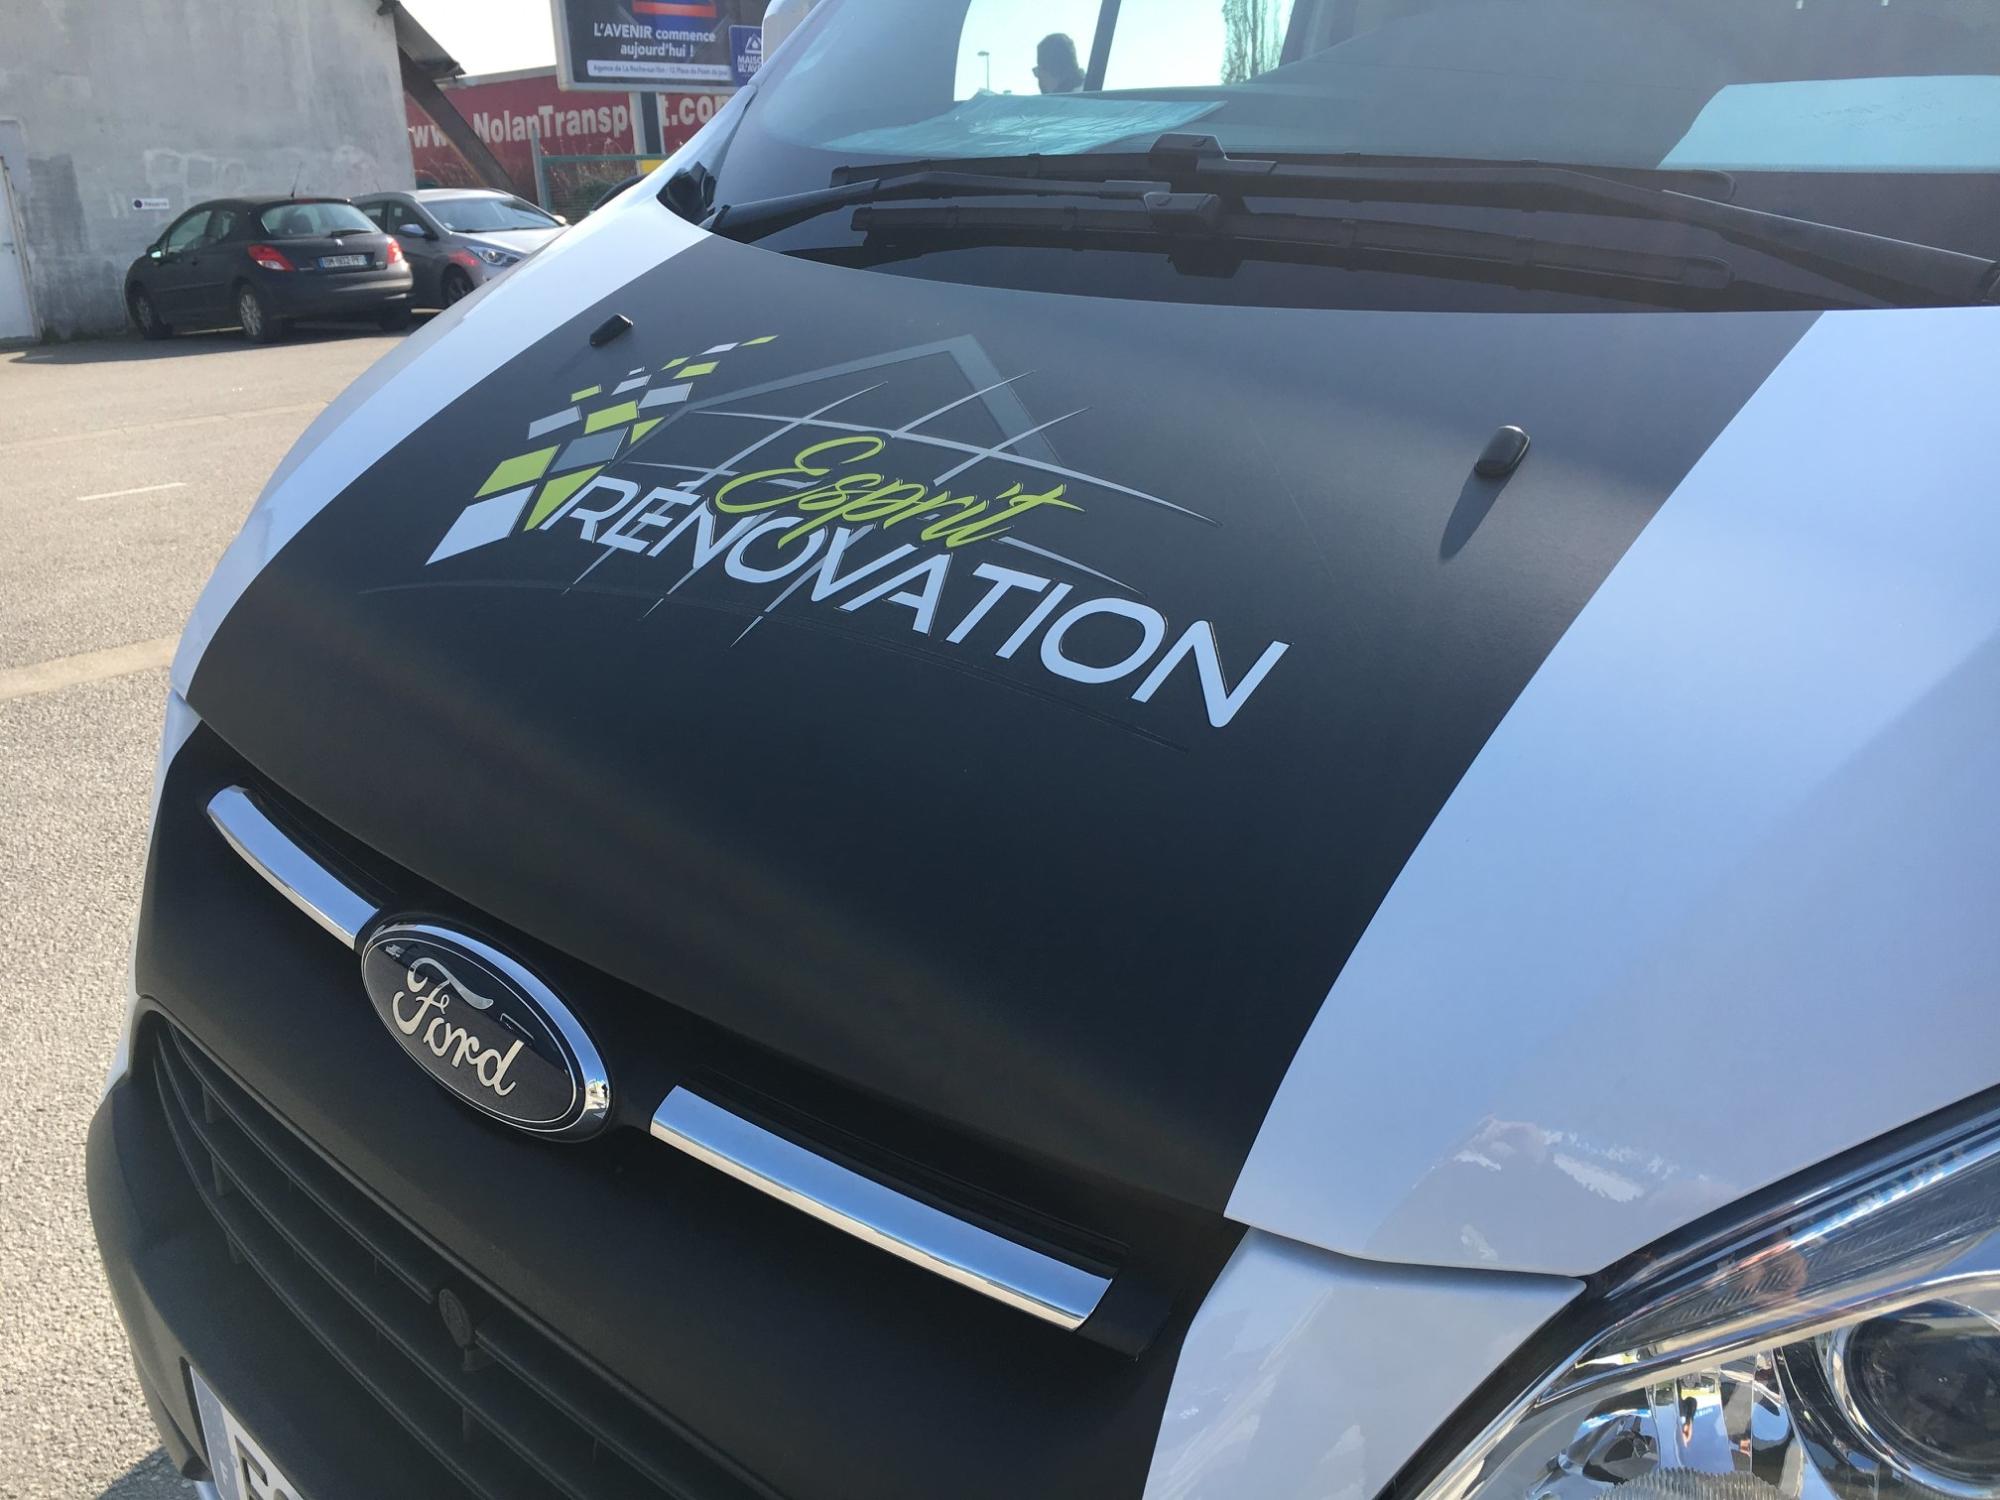 Personnalisation véhicule / Signalétique et publicité adhésive en Vendée